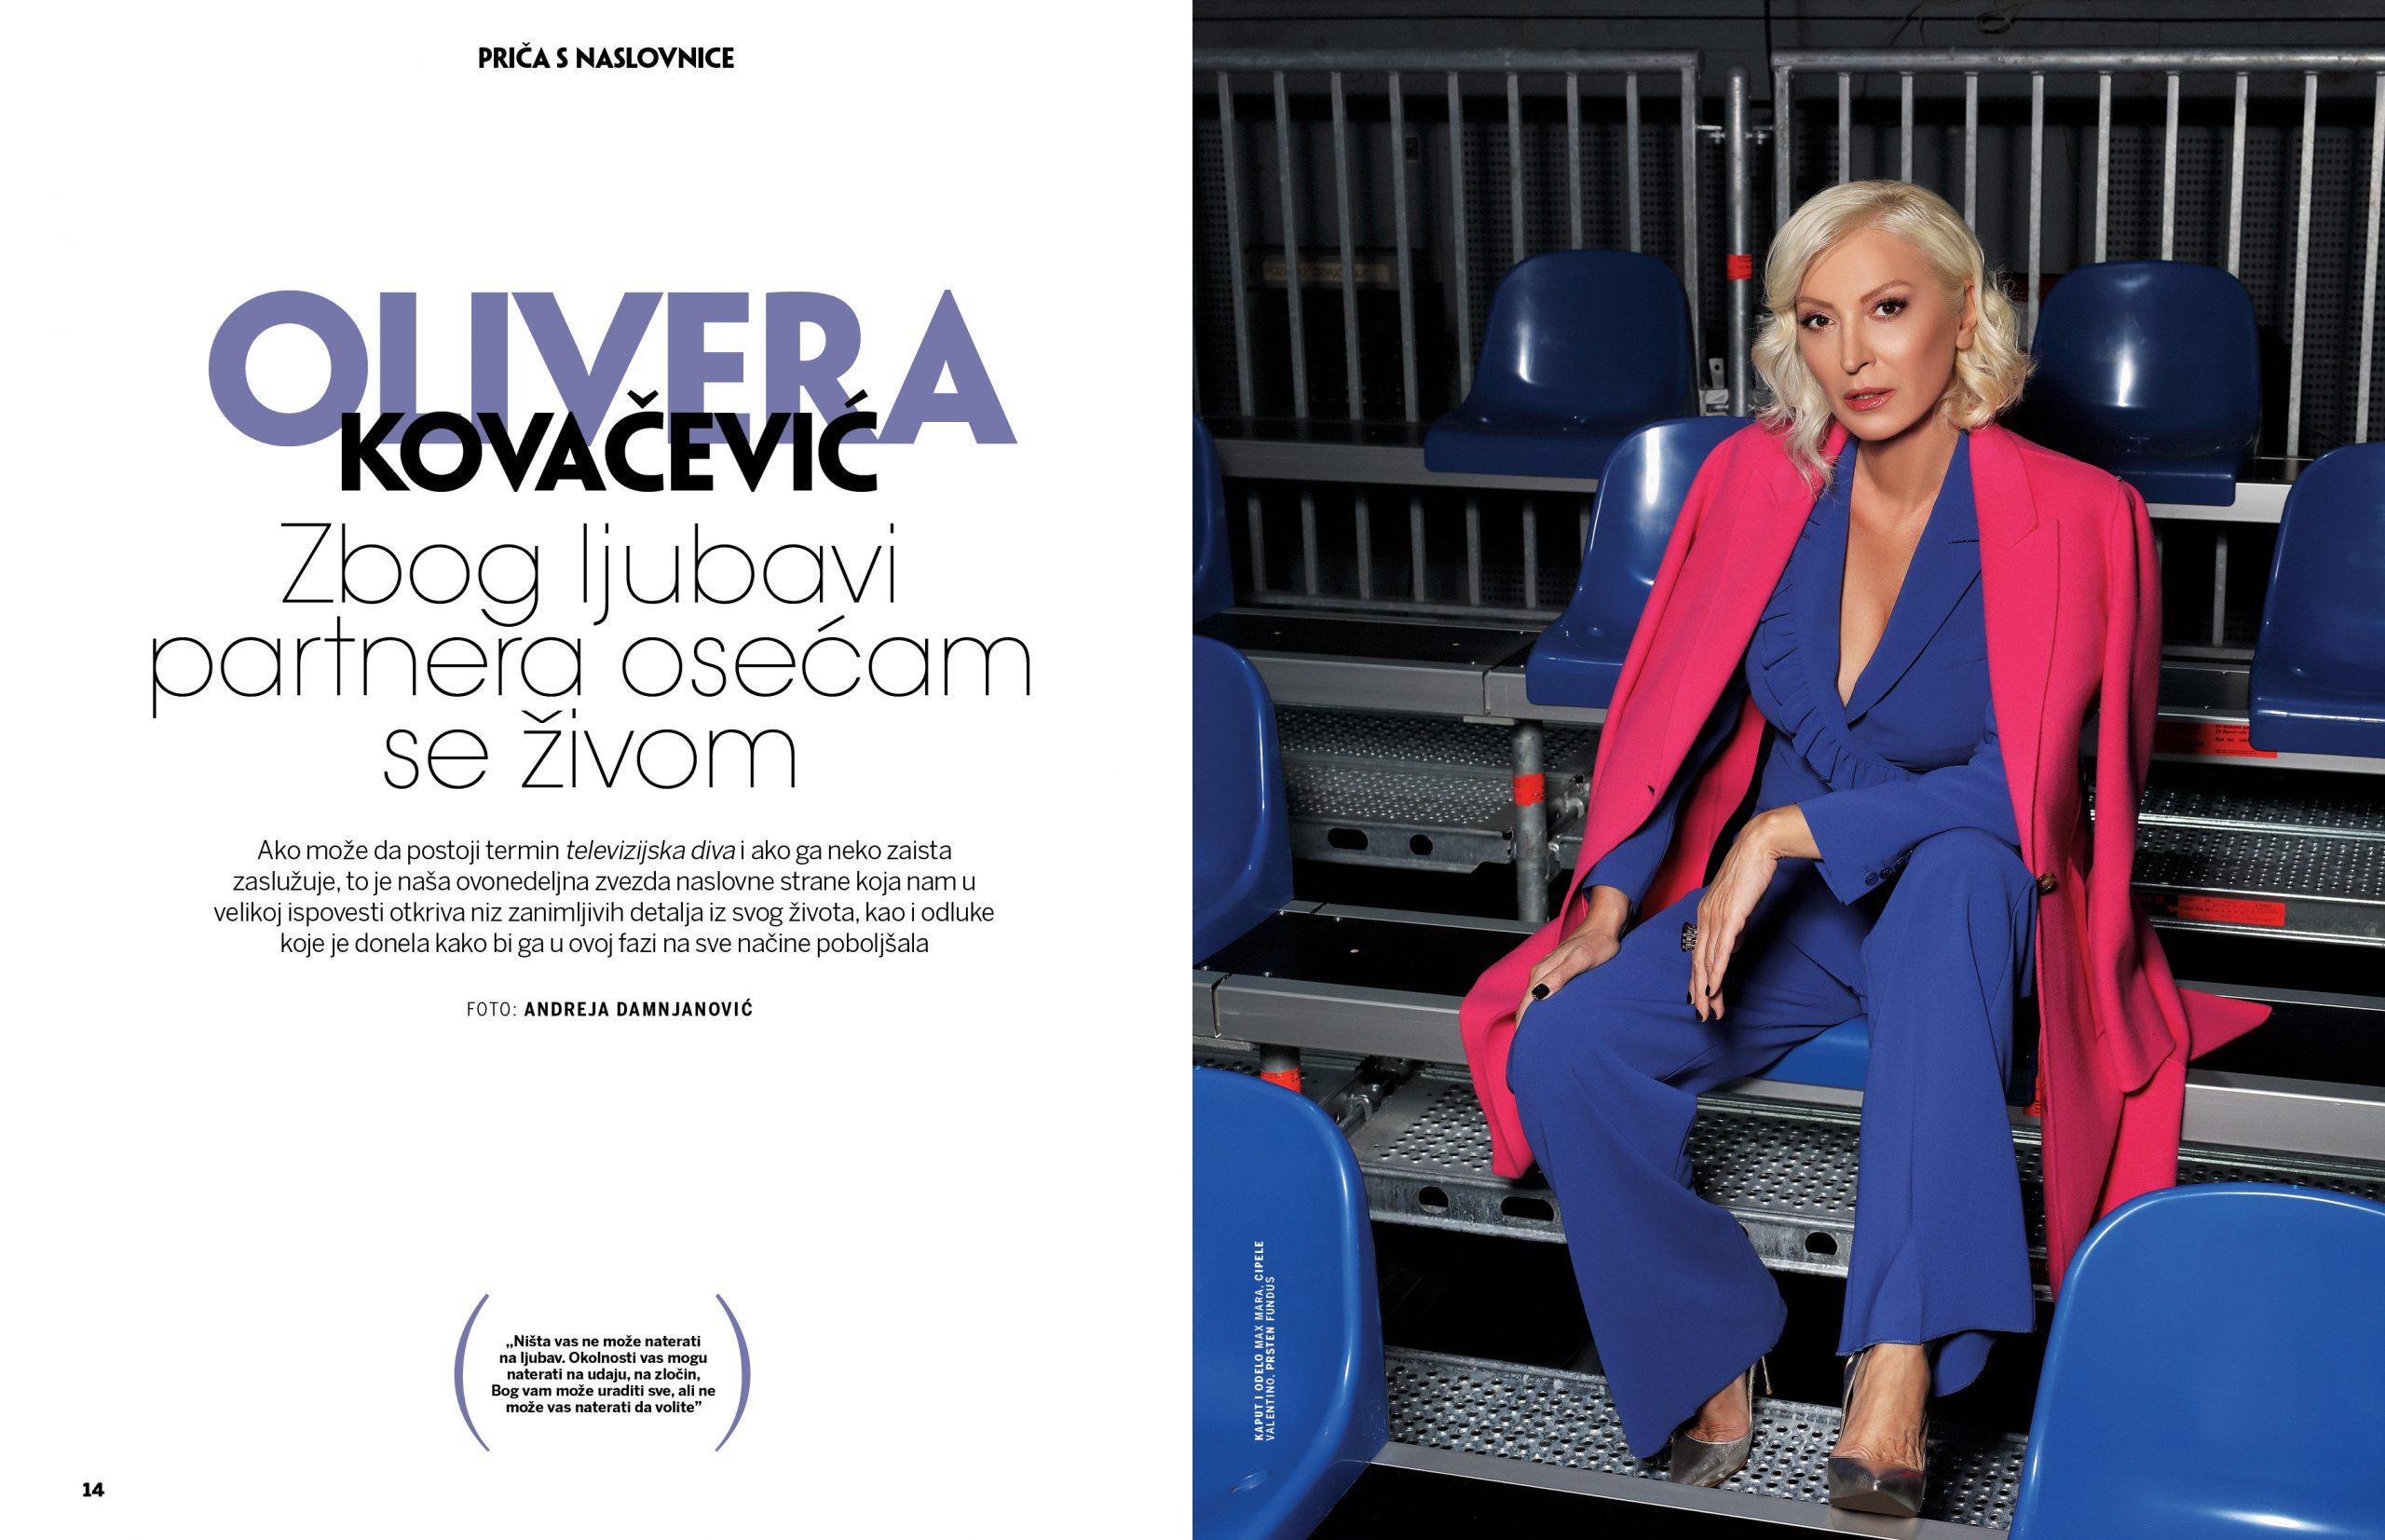 Olivera Kovačević udaja